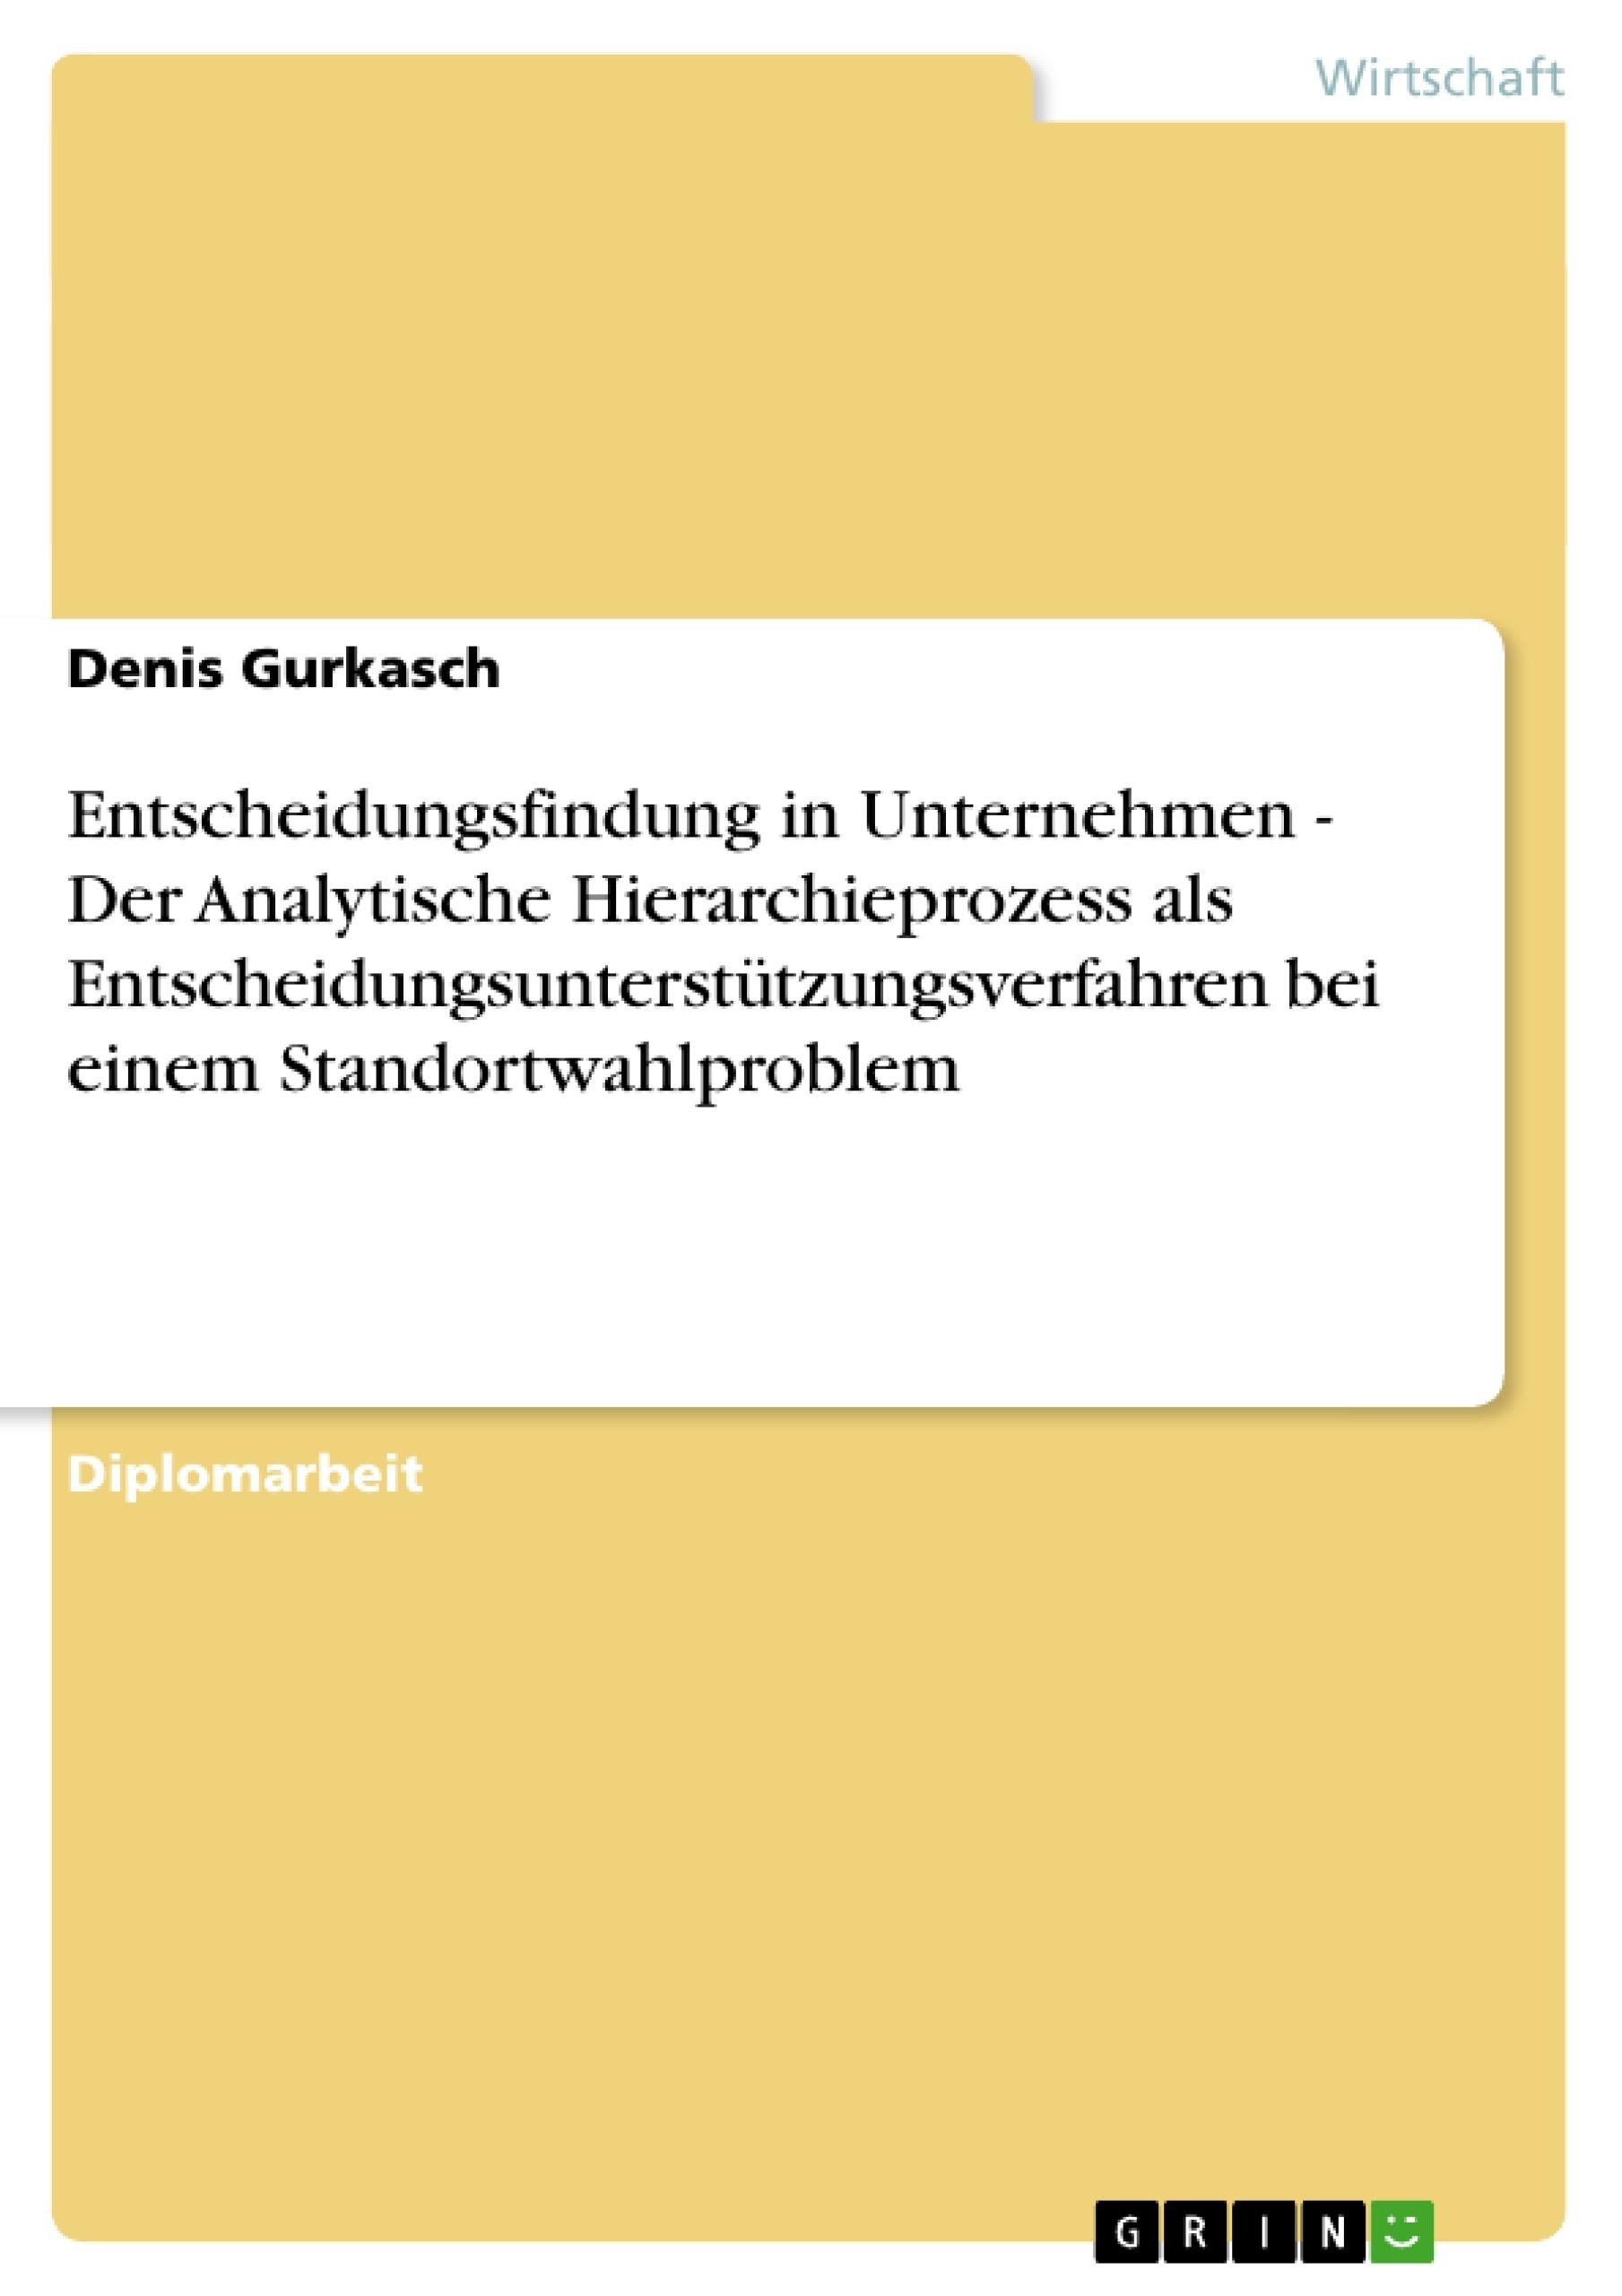 Titel: Entscheidungsfindung in Unternehmen - Der Analytische Hierarchieprozess als Entscheidungsunterstützungsverfahren bei einem Standortwahlproblem